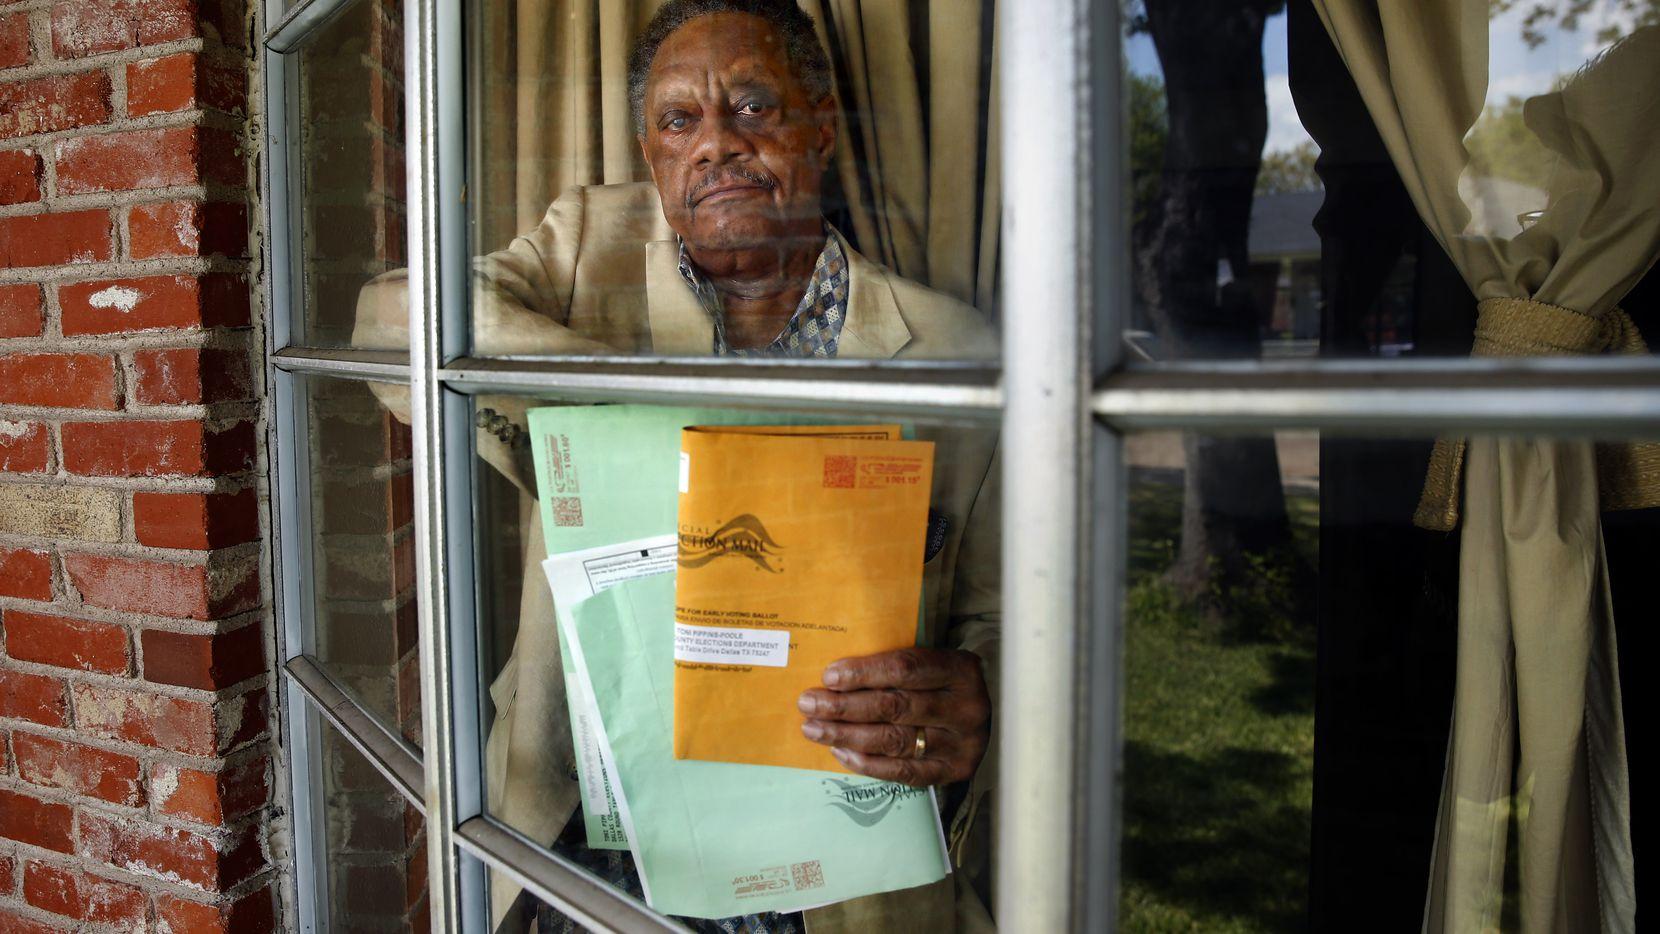 Tony Green envió su voto por correo y luego se lo devolvieron. Trató de enviarlo otra vez, pero luego se enteró que su sufragio no fue contado.